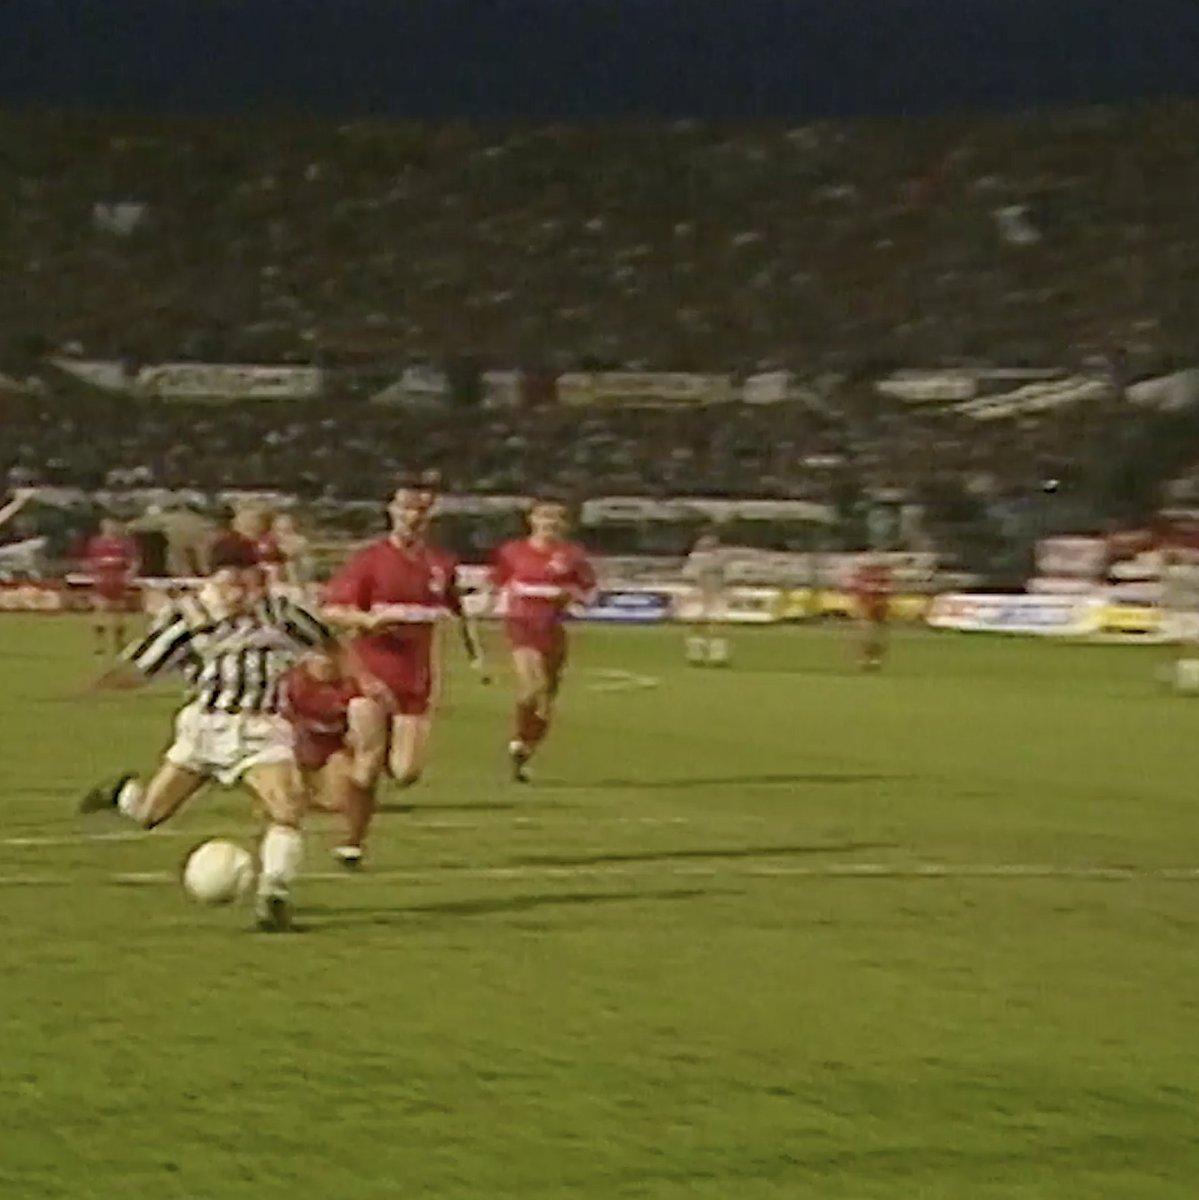 Aquela recordação da semi-final da Taça da UEFA de 1990!  ⚽️👌  #GolDoDia #ForzaJuve